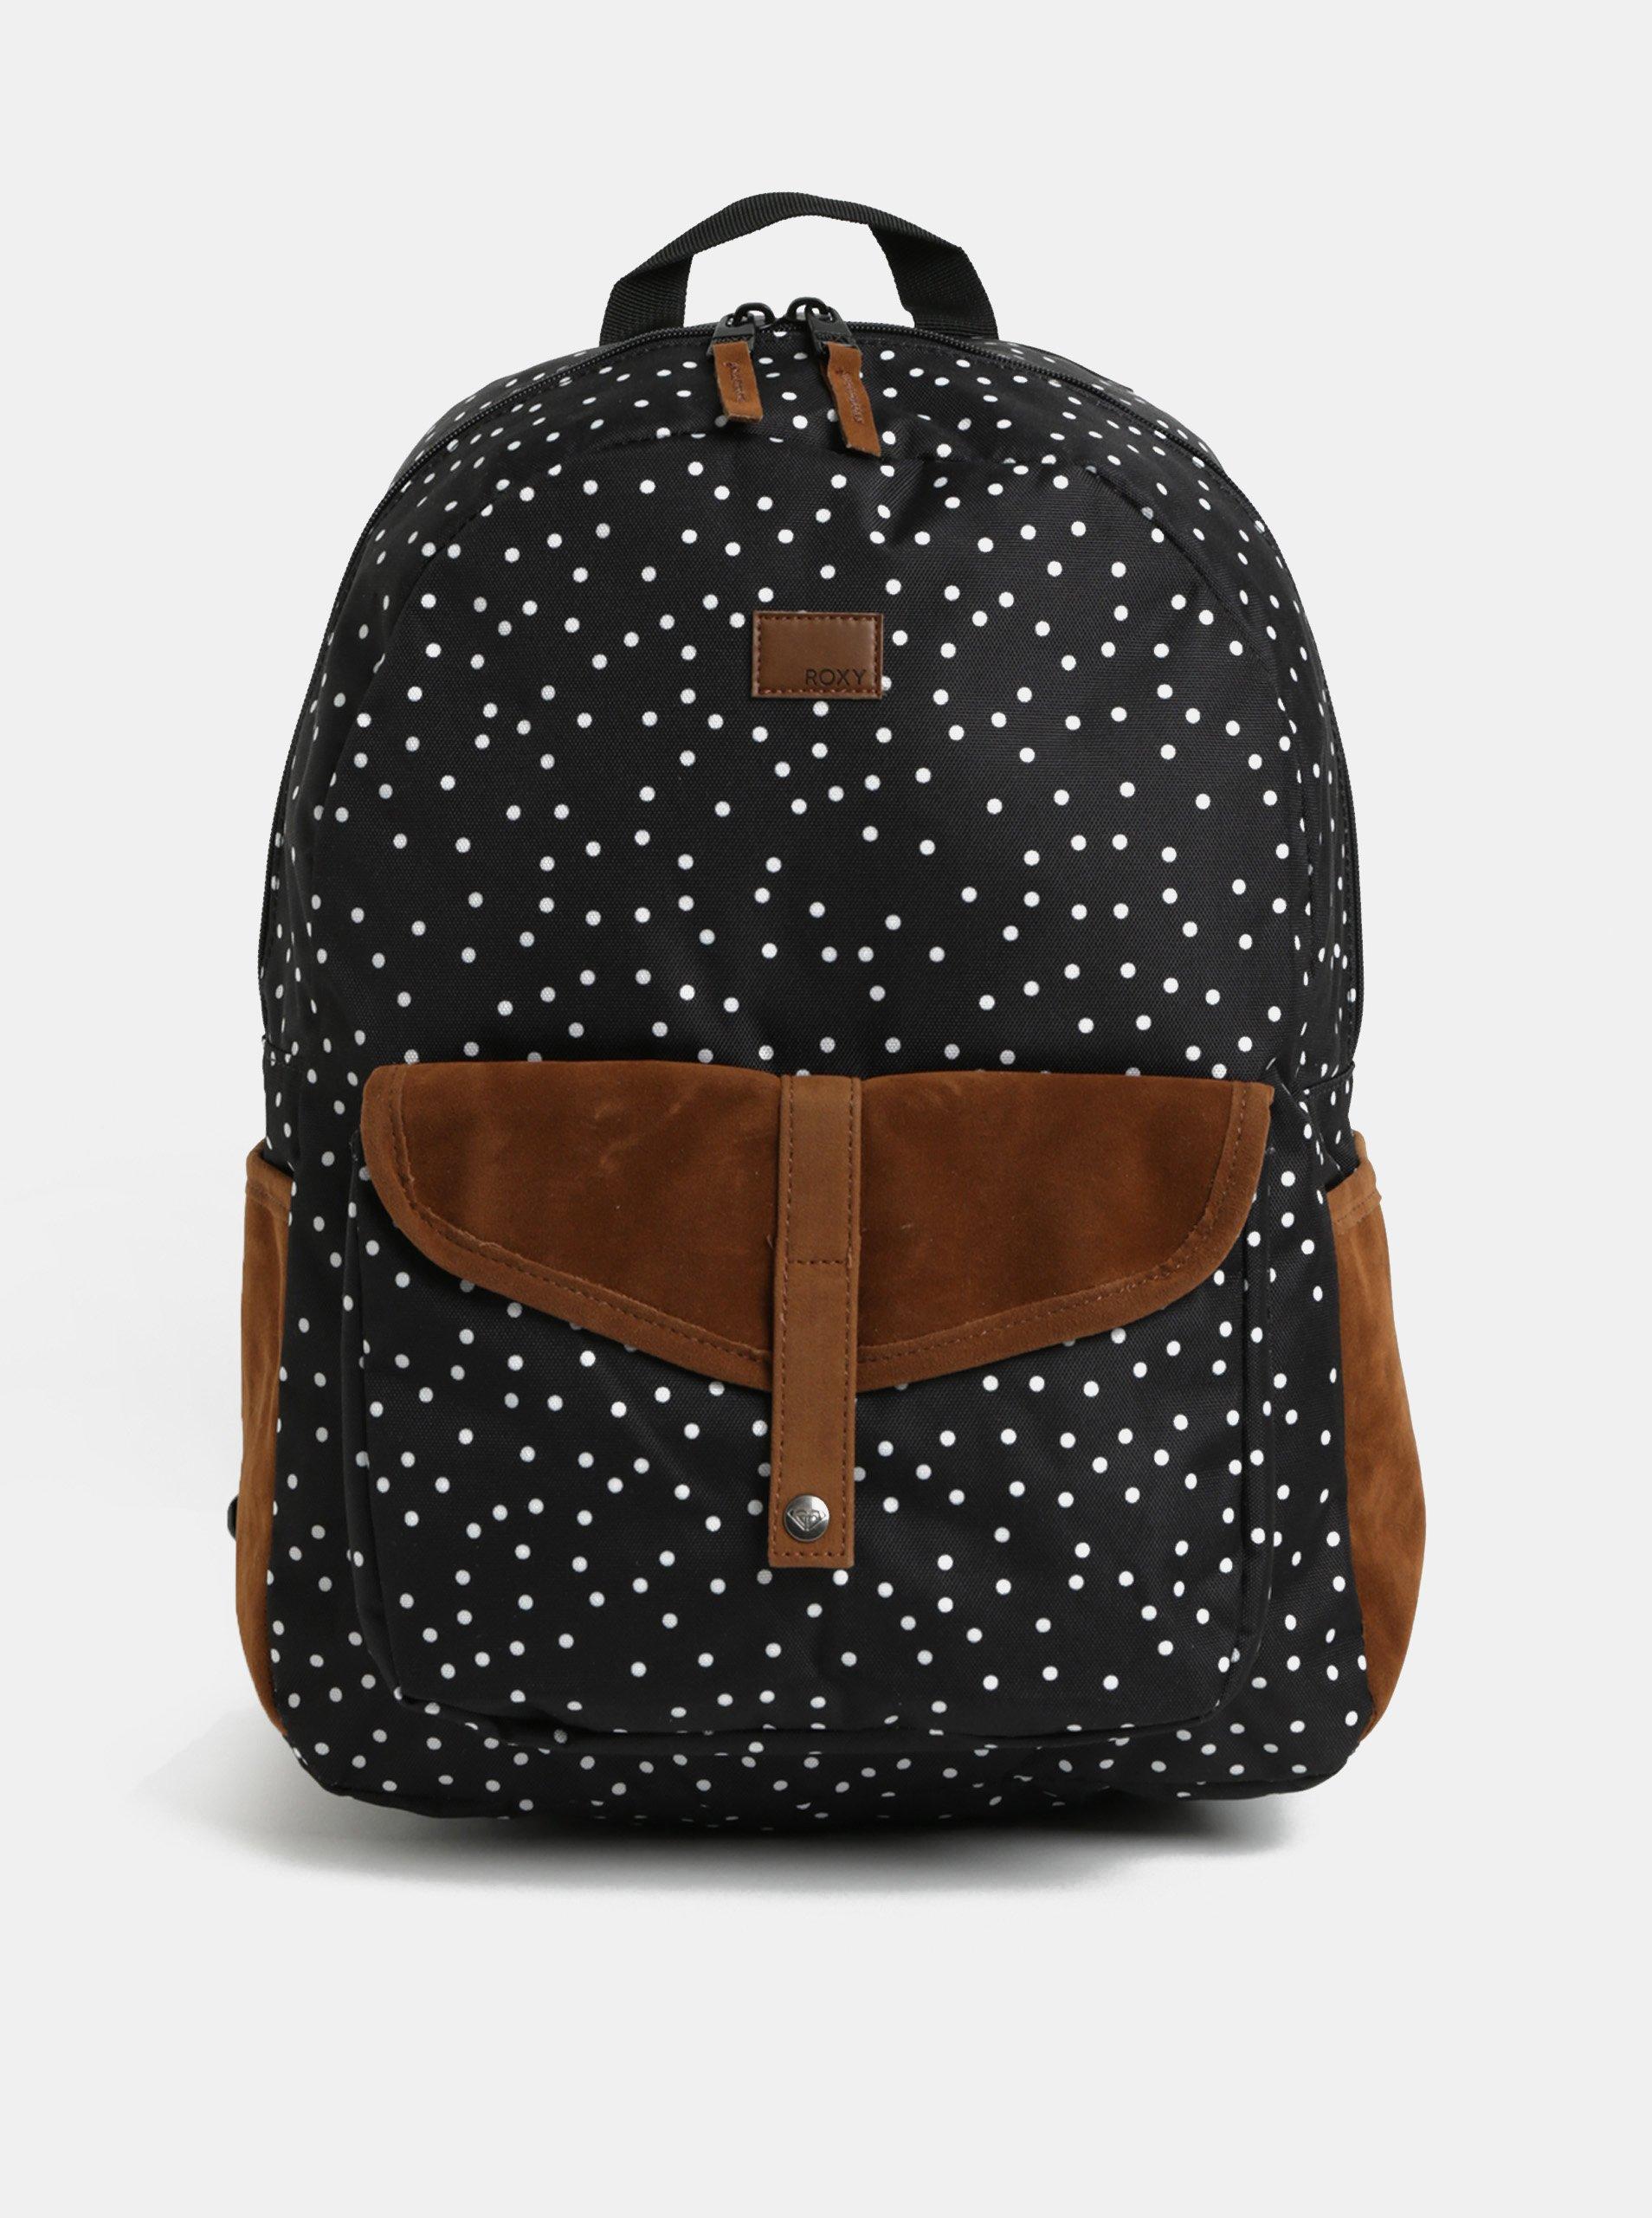 Hnědo-černý vzorovaný batoh batoh Roxy Shadow